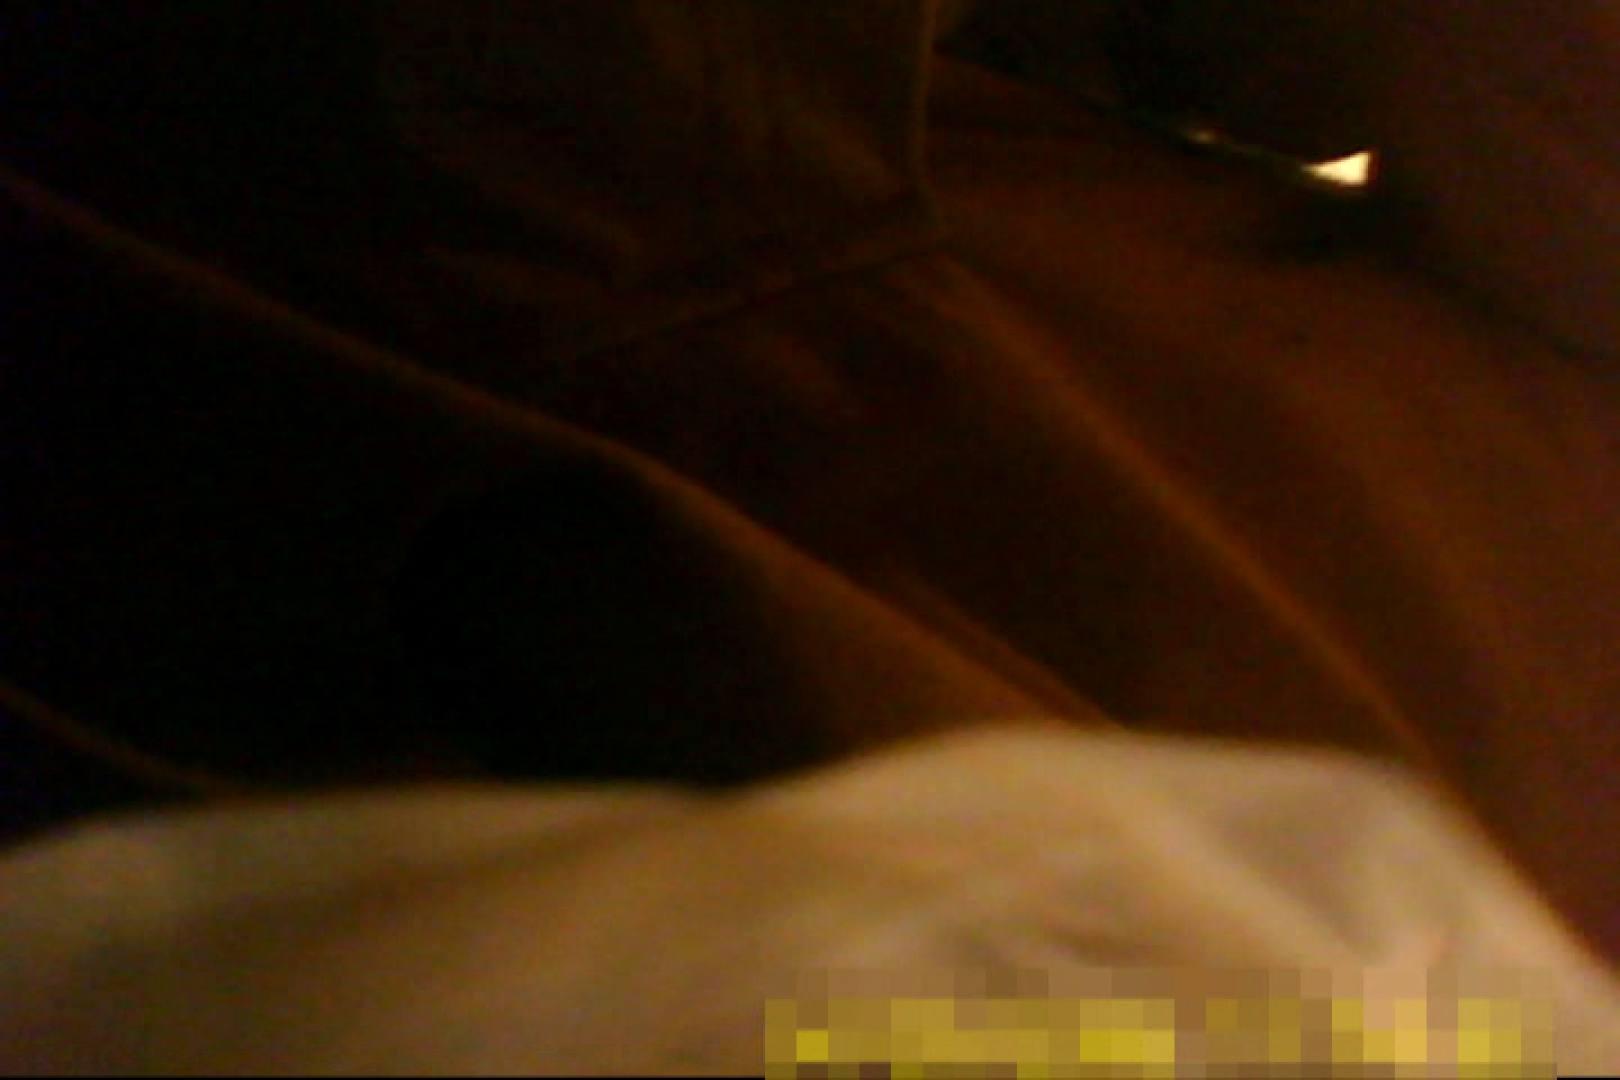 魅惑の化粧室~禁断のプライベート空間~vol.8 熟女丸裸 アダルト動画キャプチャ 91pic 74